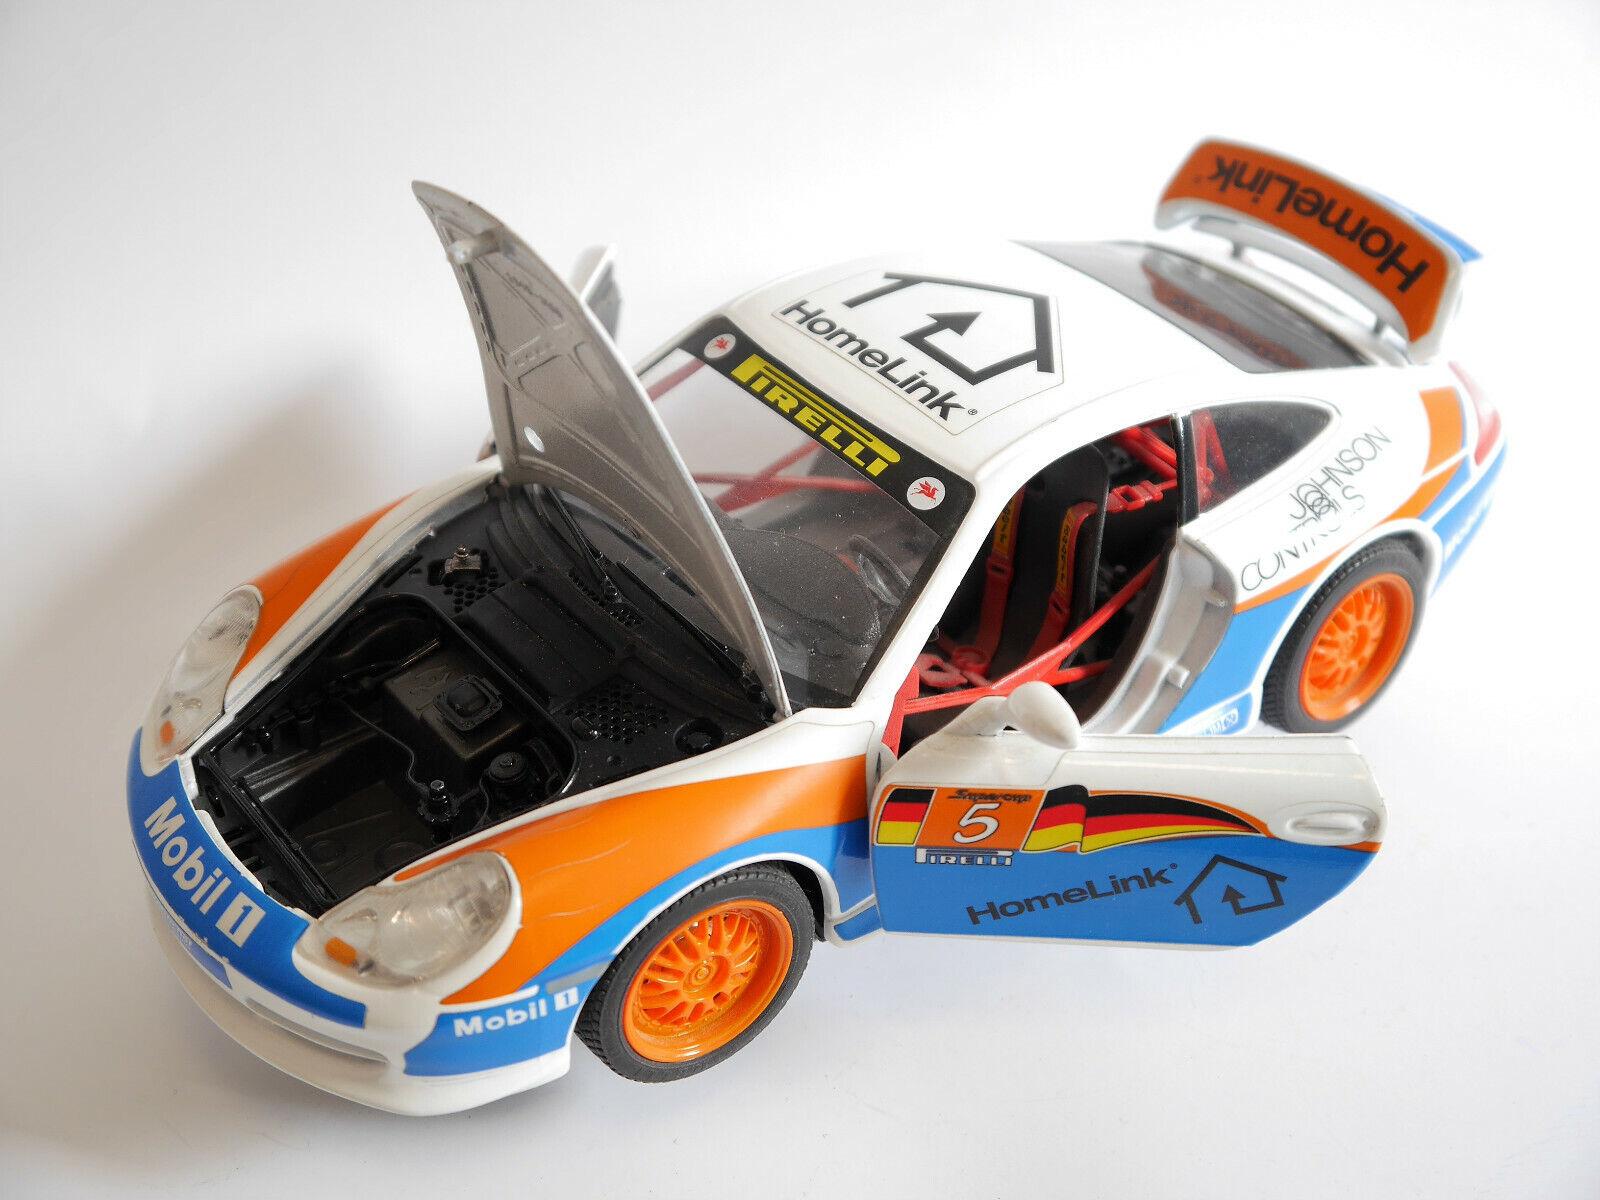 Supercup Rennwagen racing car Porsche 911 996 HOMELINK, Bburago Werbemodell 1 18